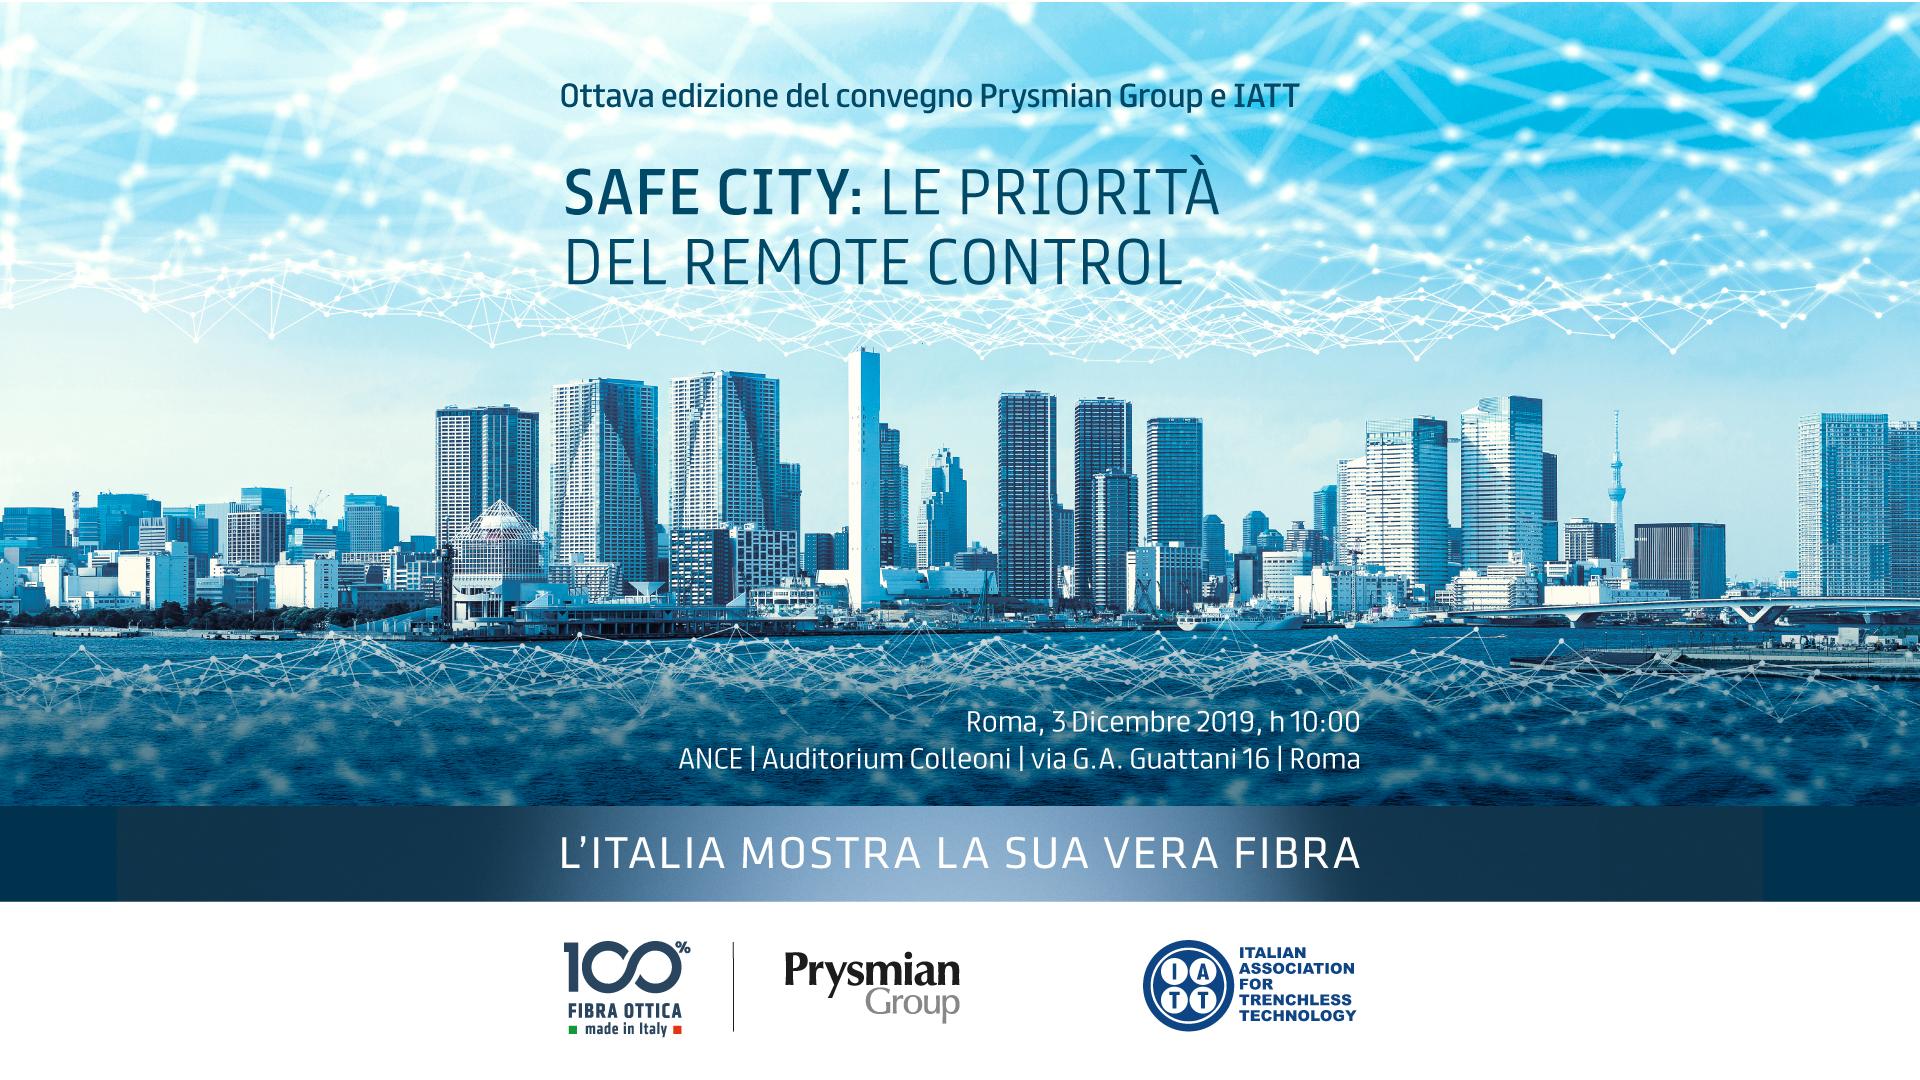 Ottava Edizione del Convegno Prysmian Group e IATT